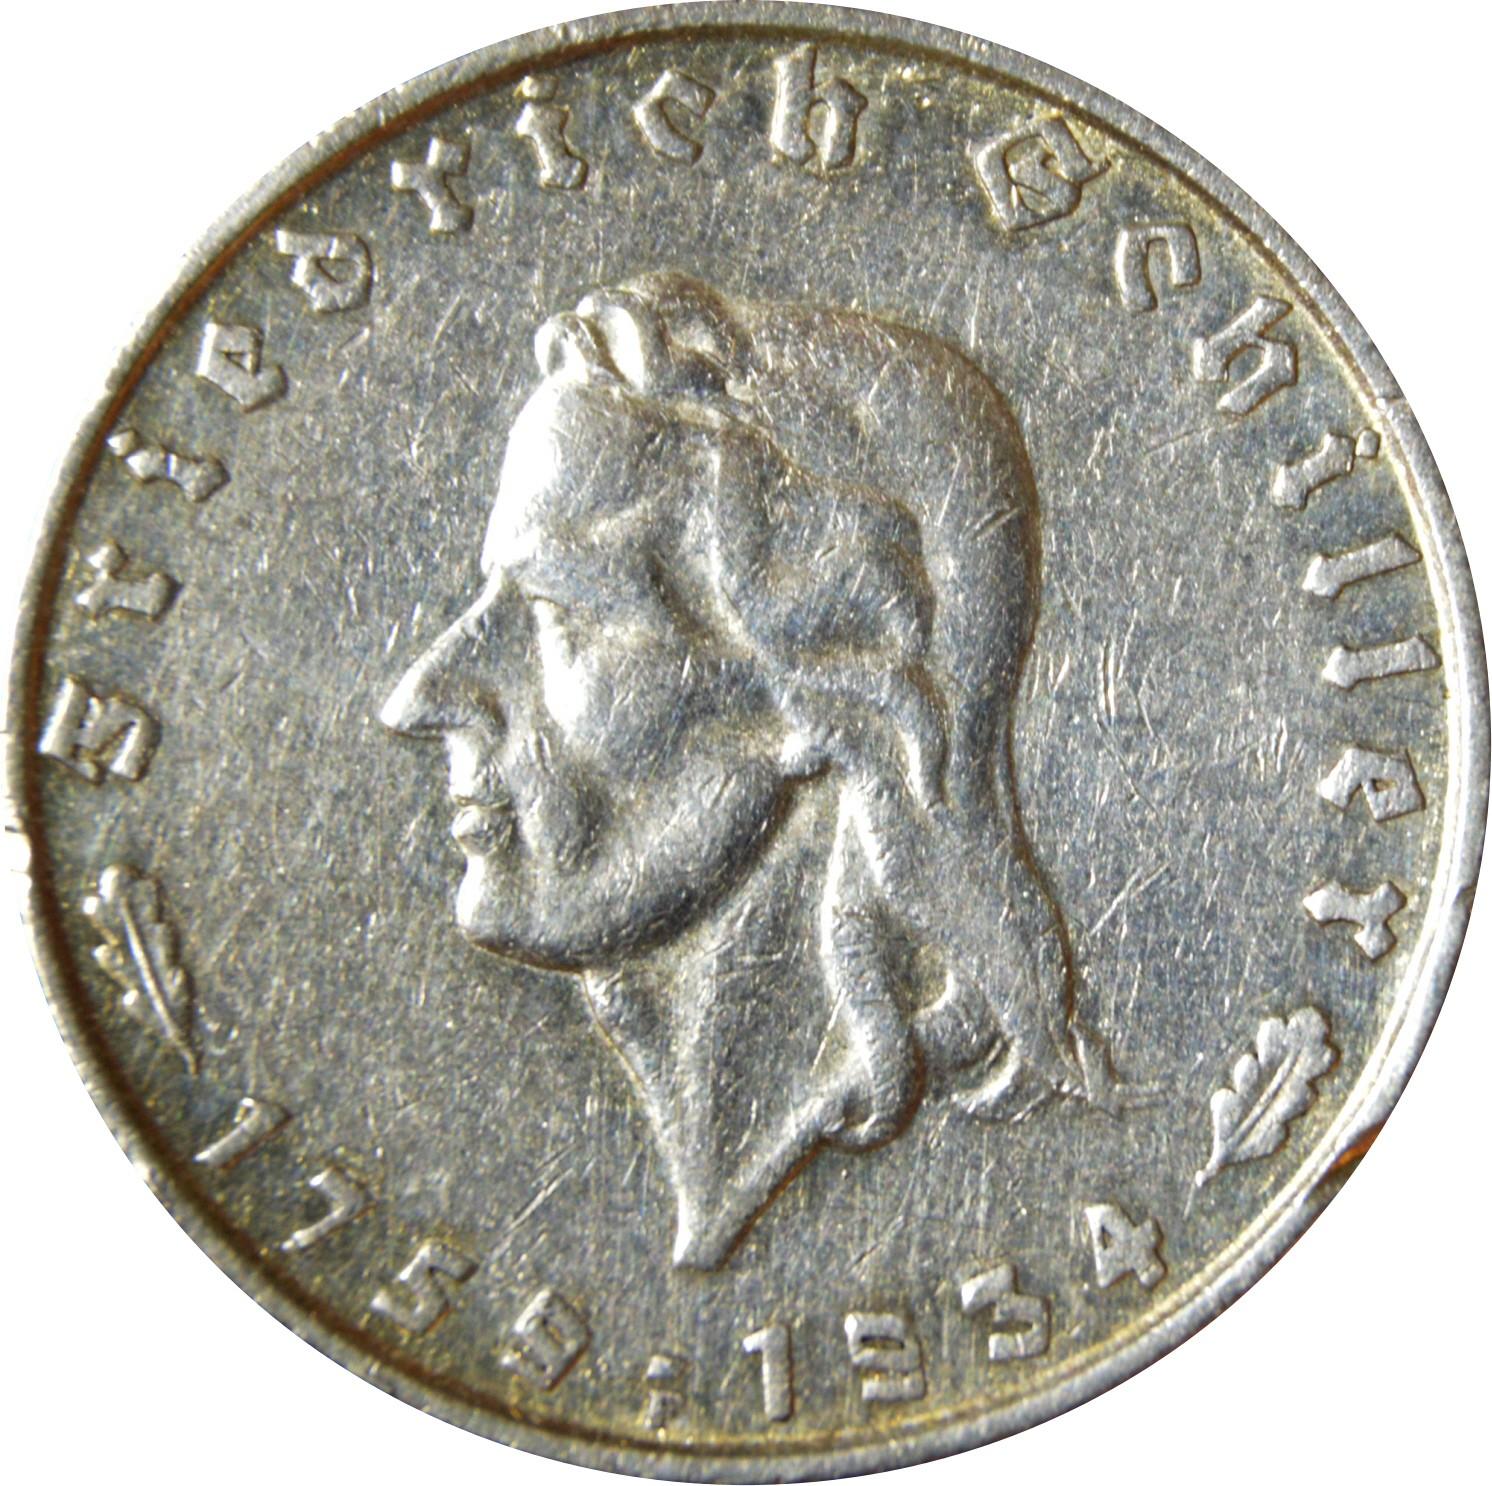 Germany 2 Reichsmark (1934 Friedrich Schiller)